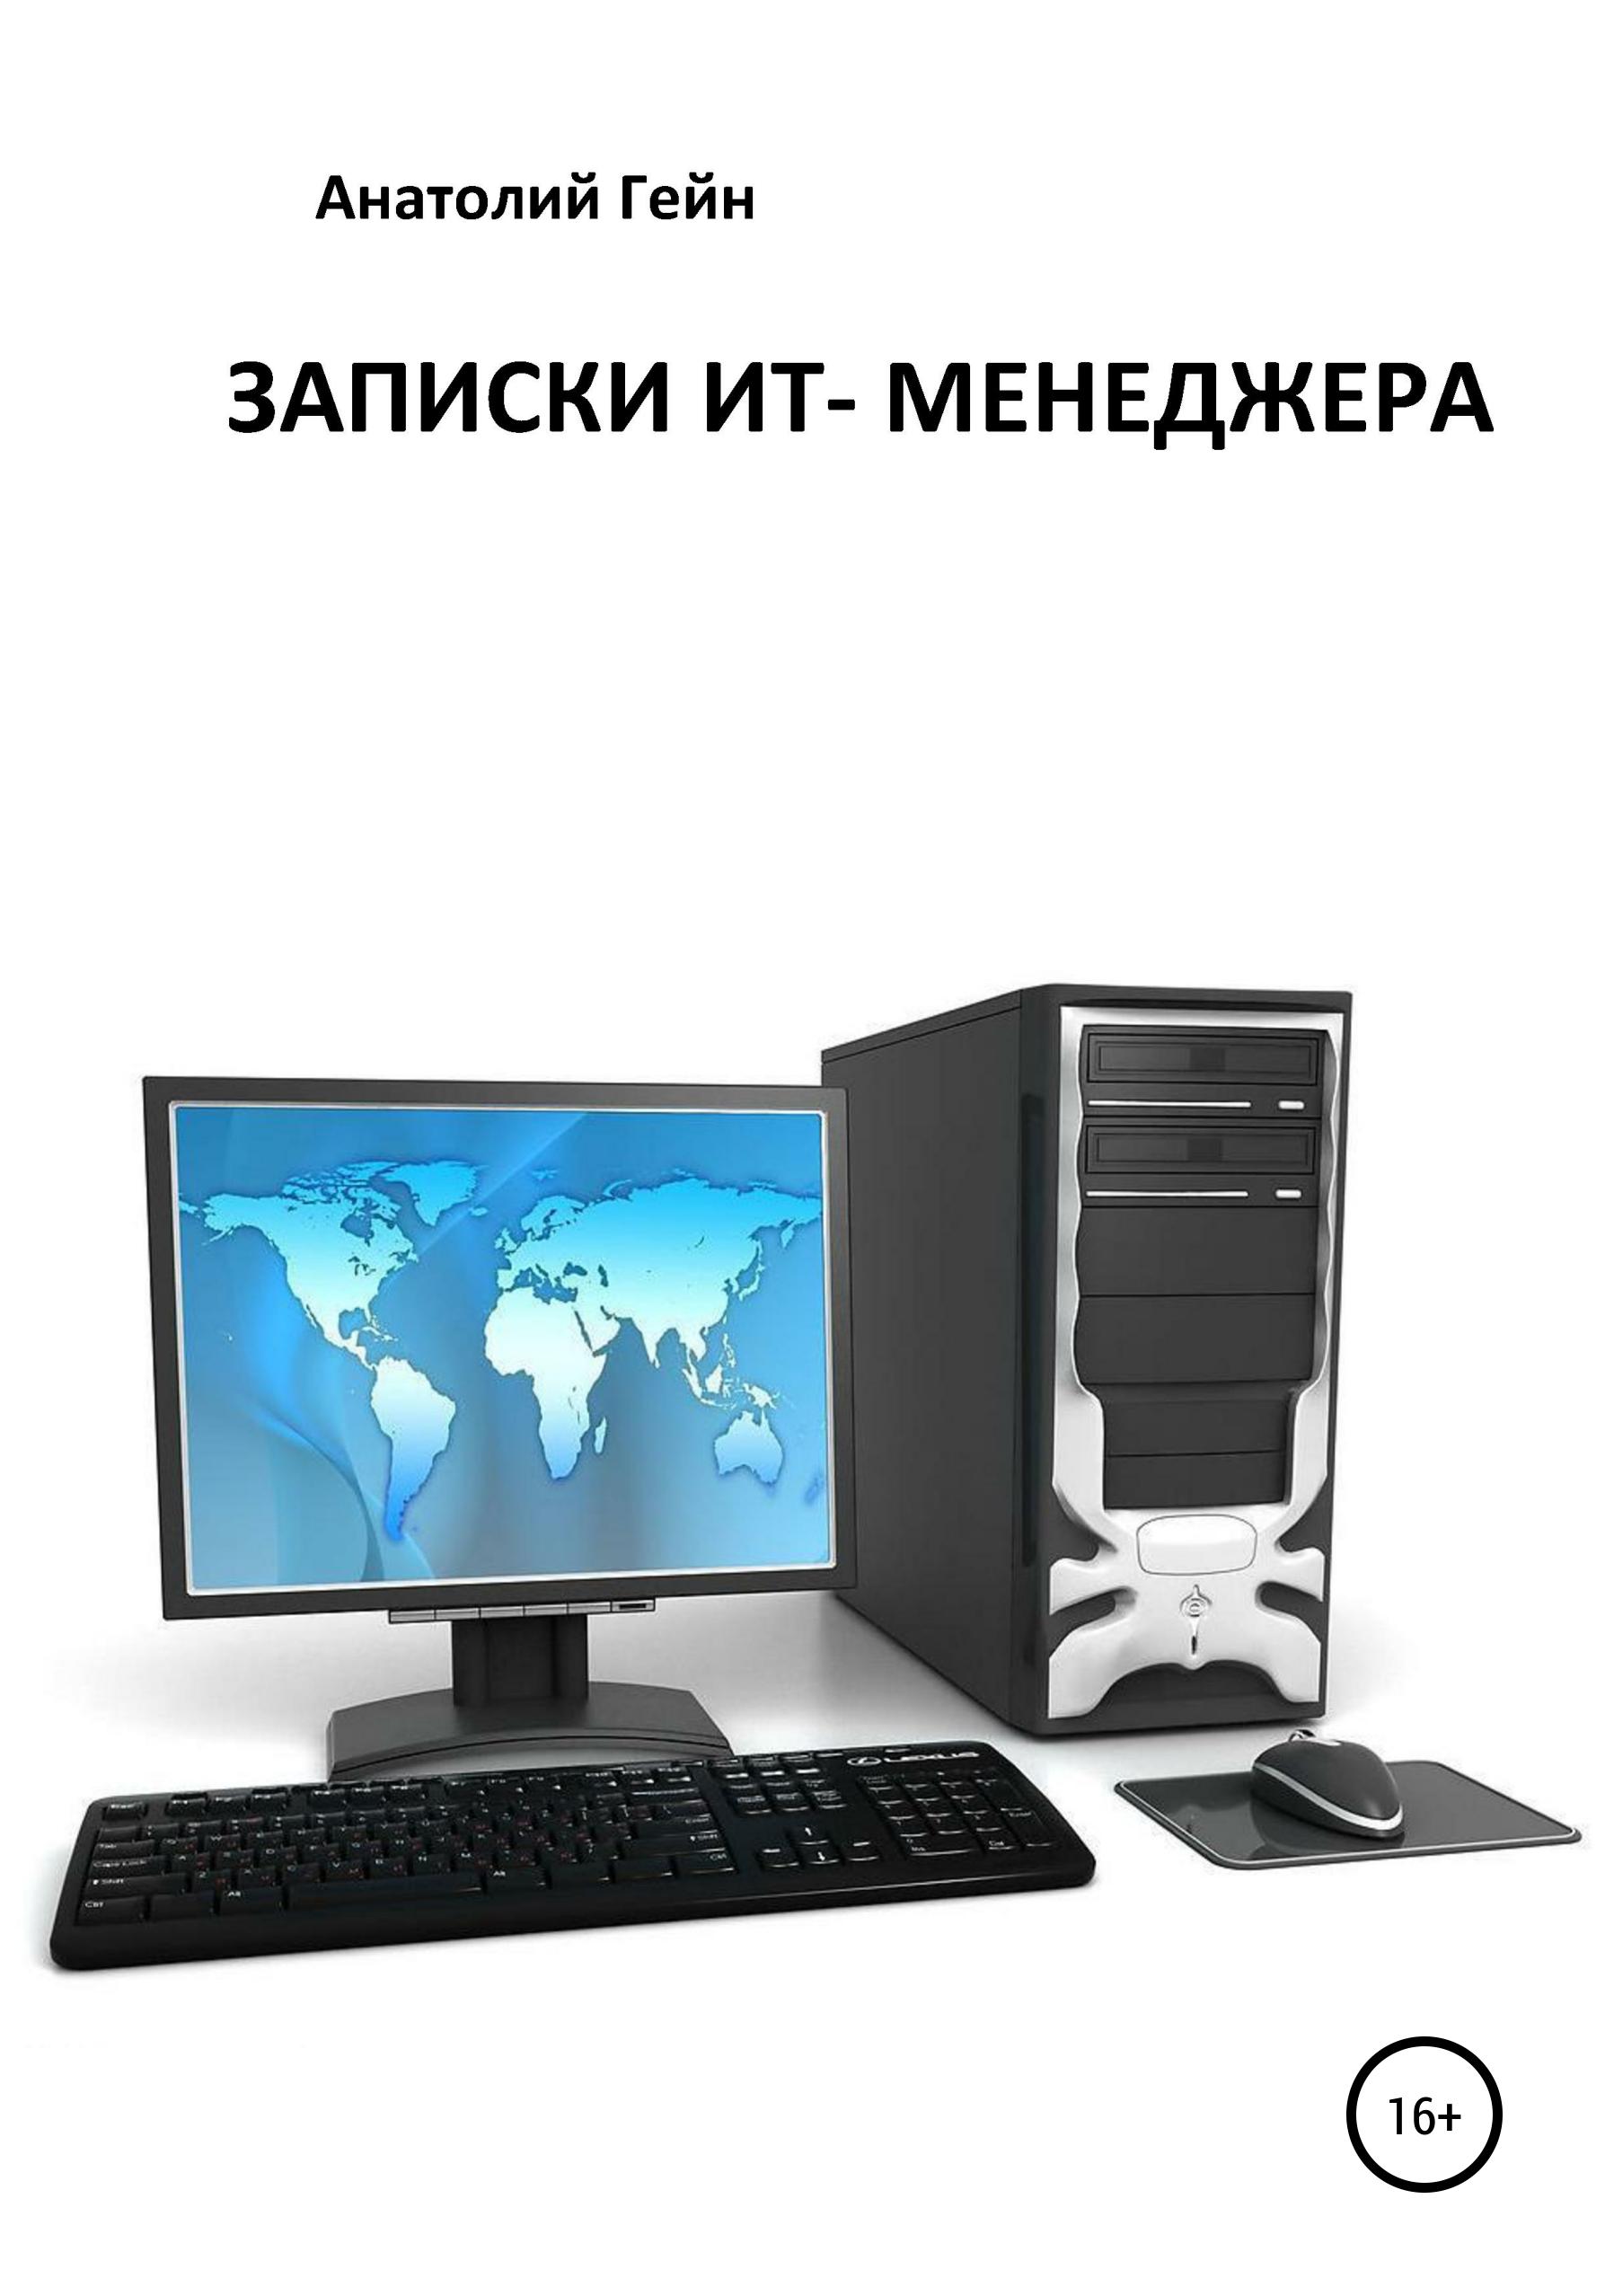 Анатолий Немчинов Записки ИТ-менеджера